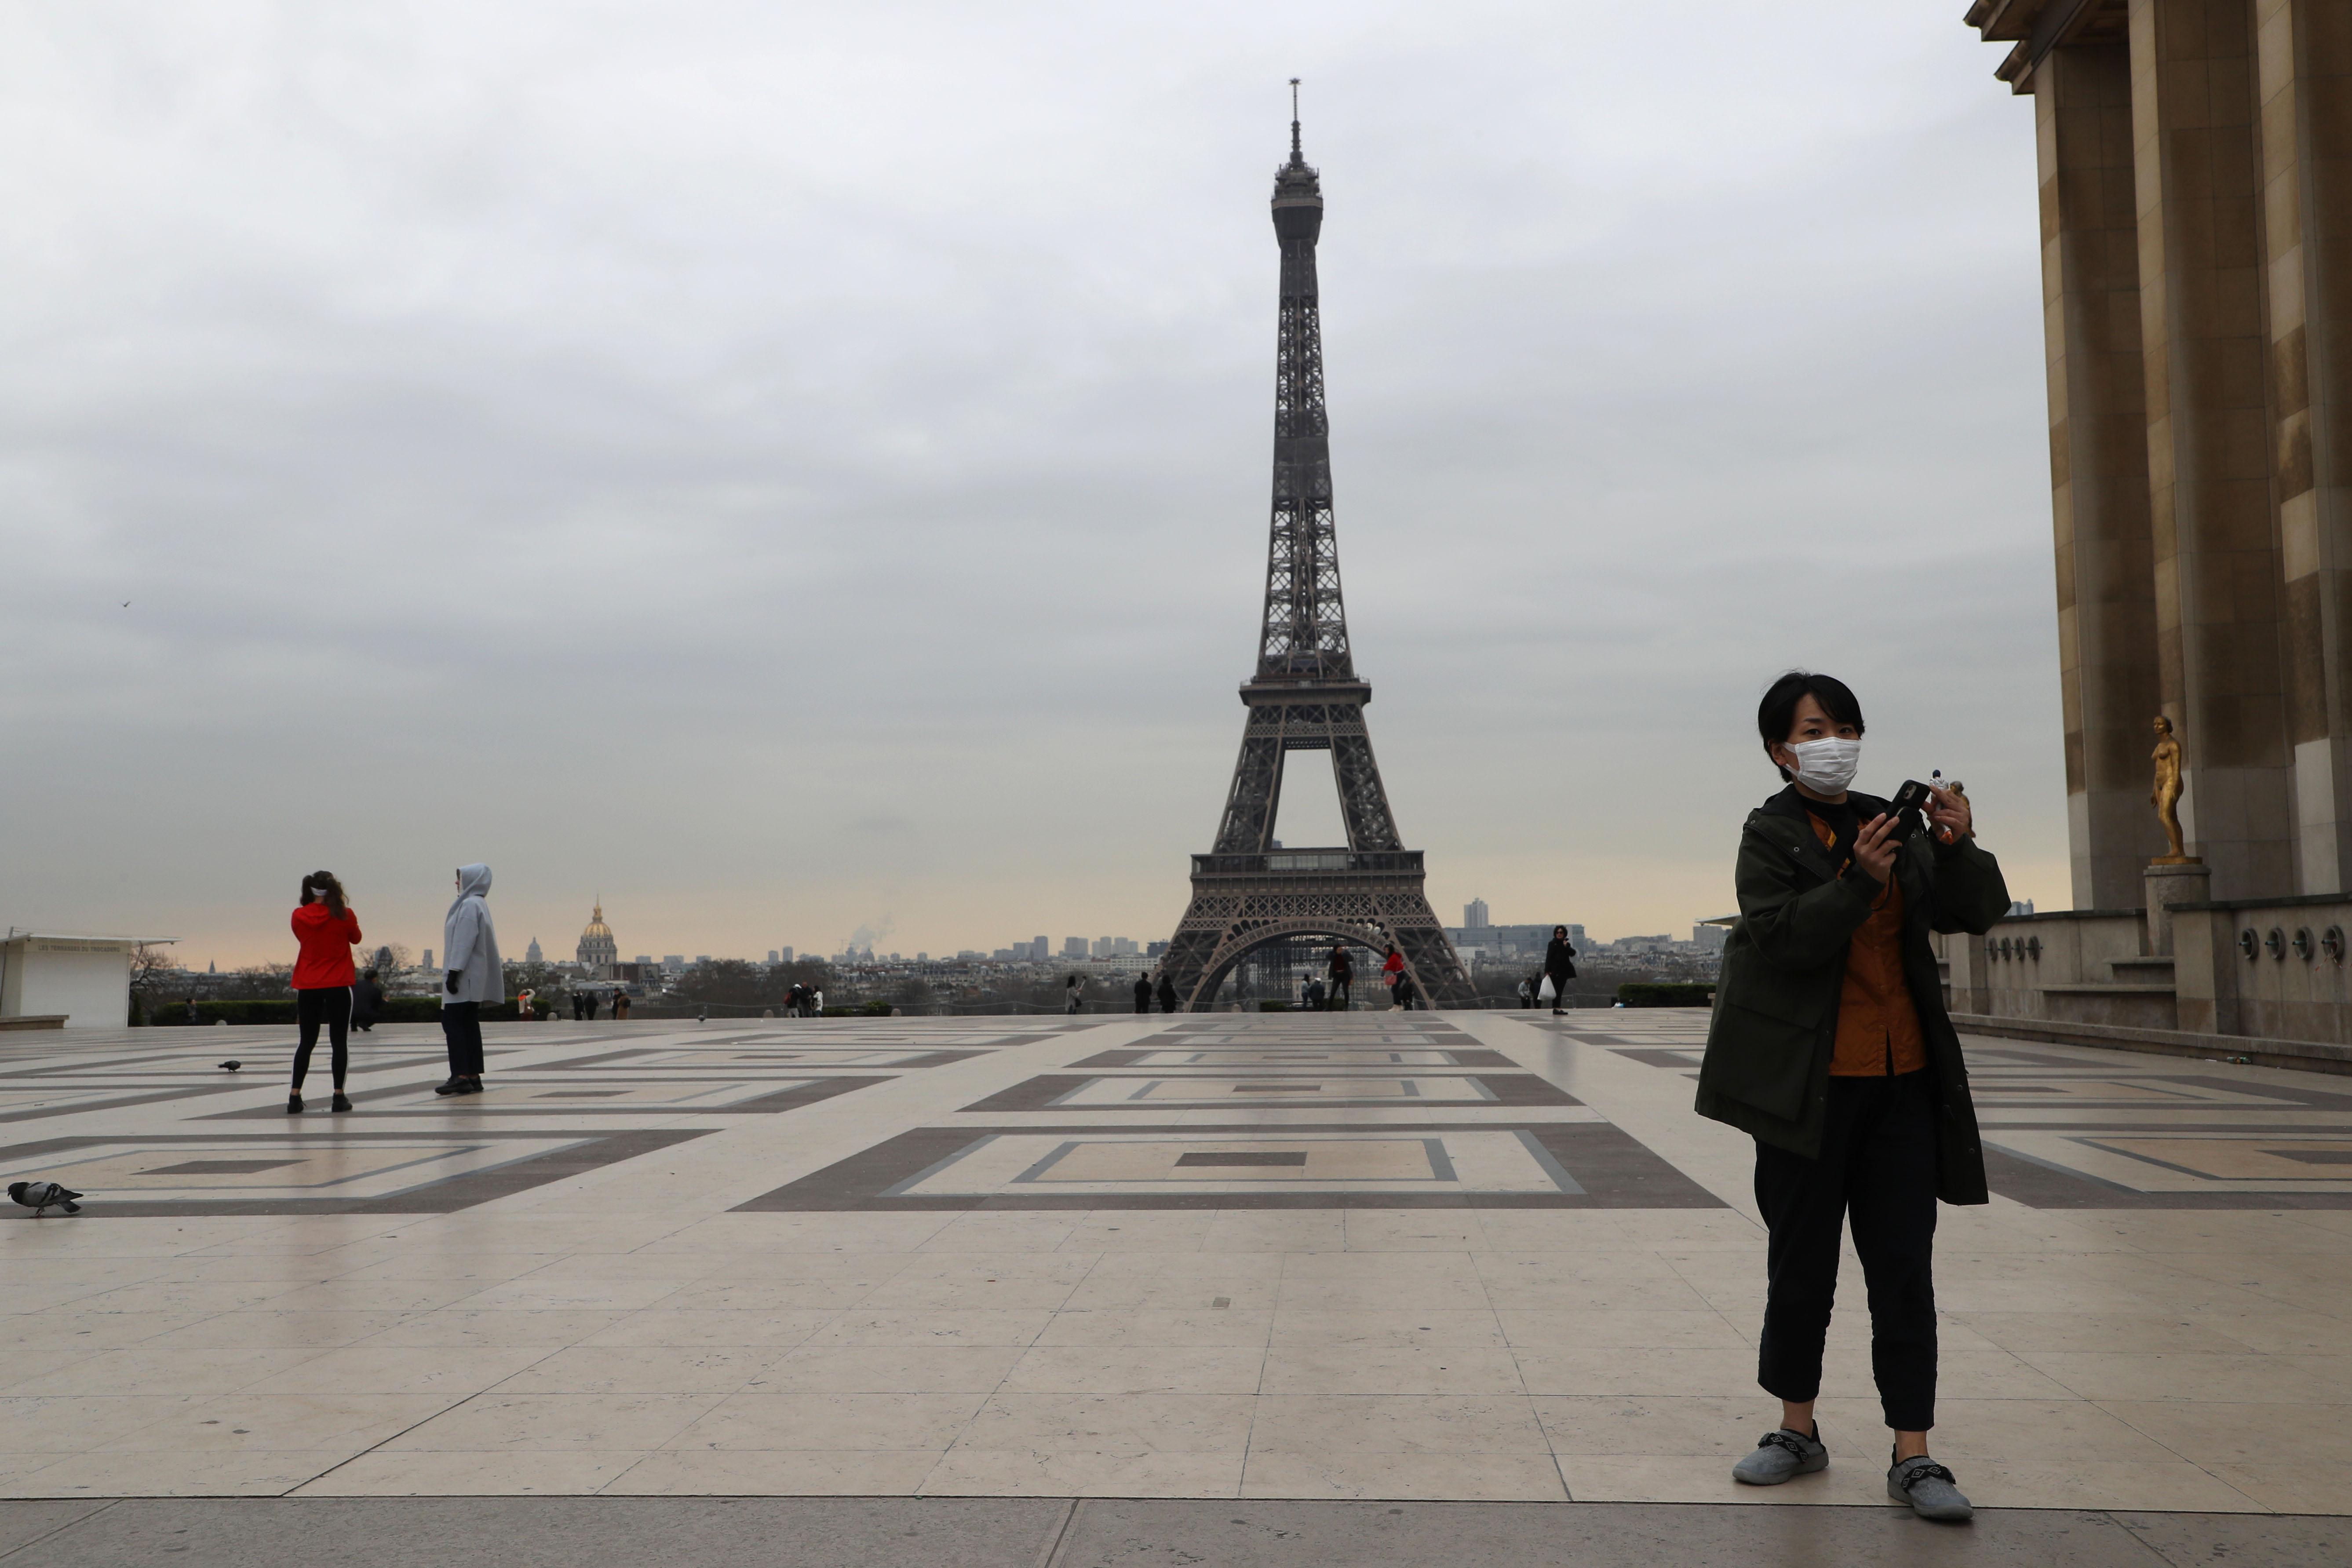 Frankrijk lockdown